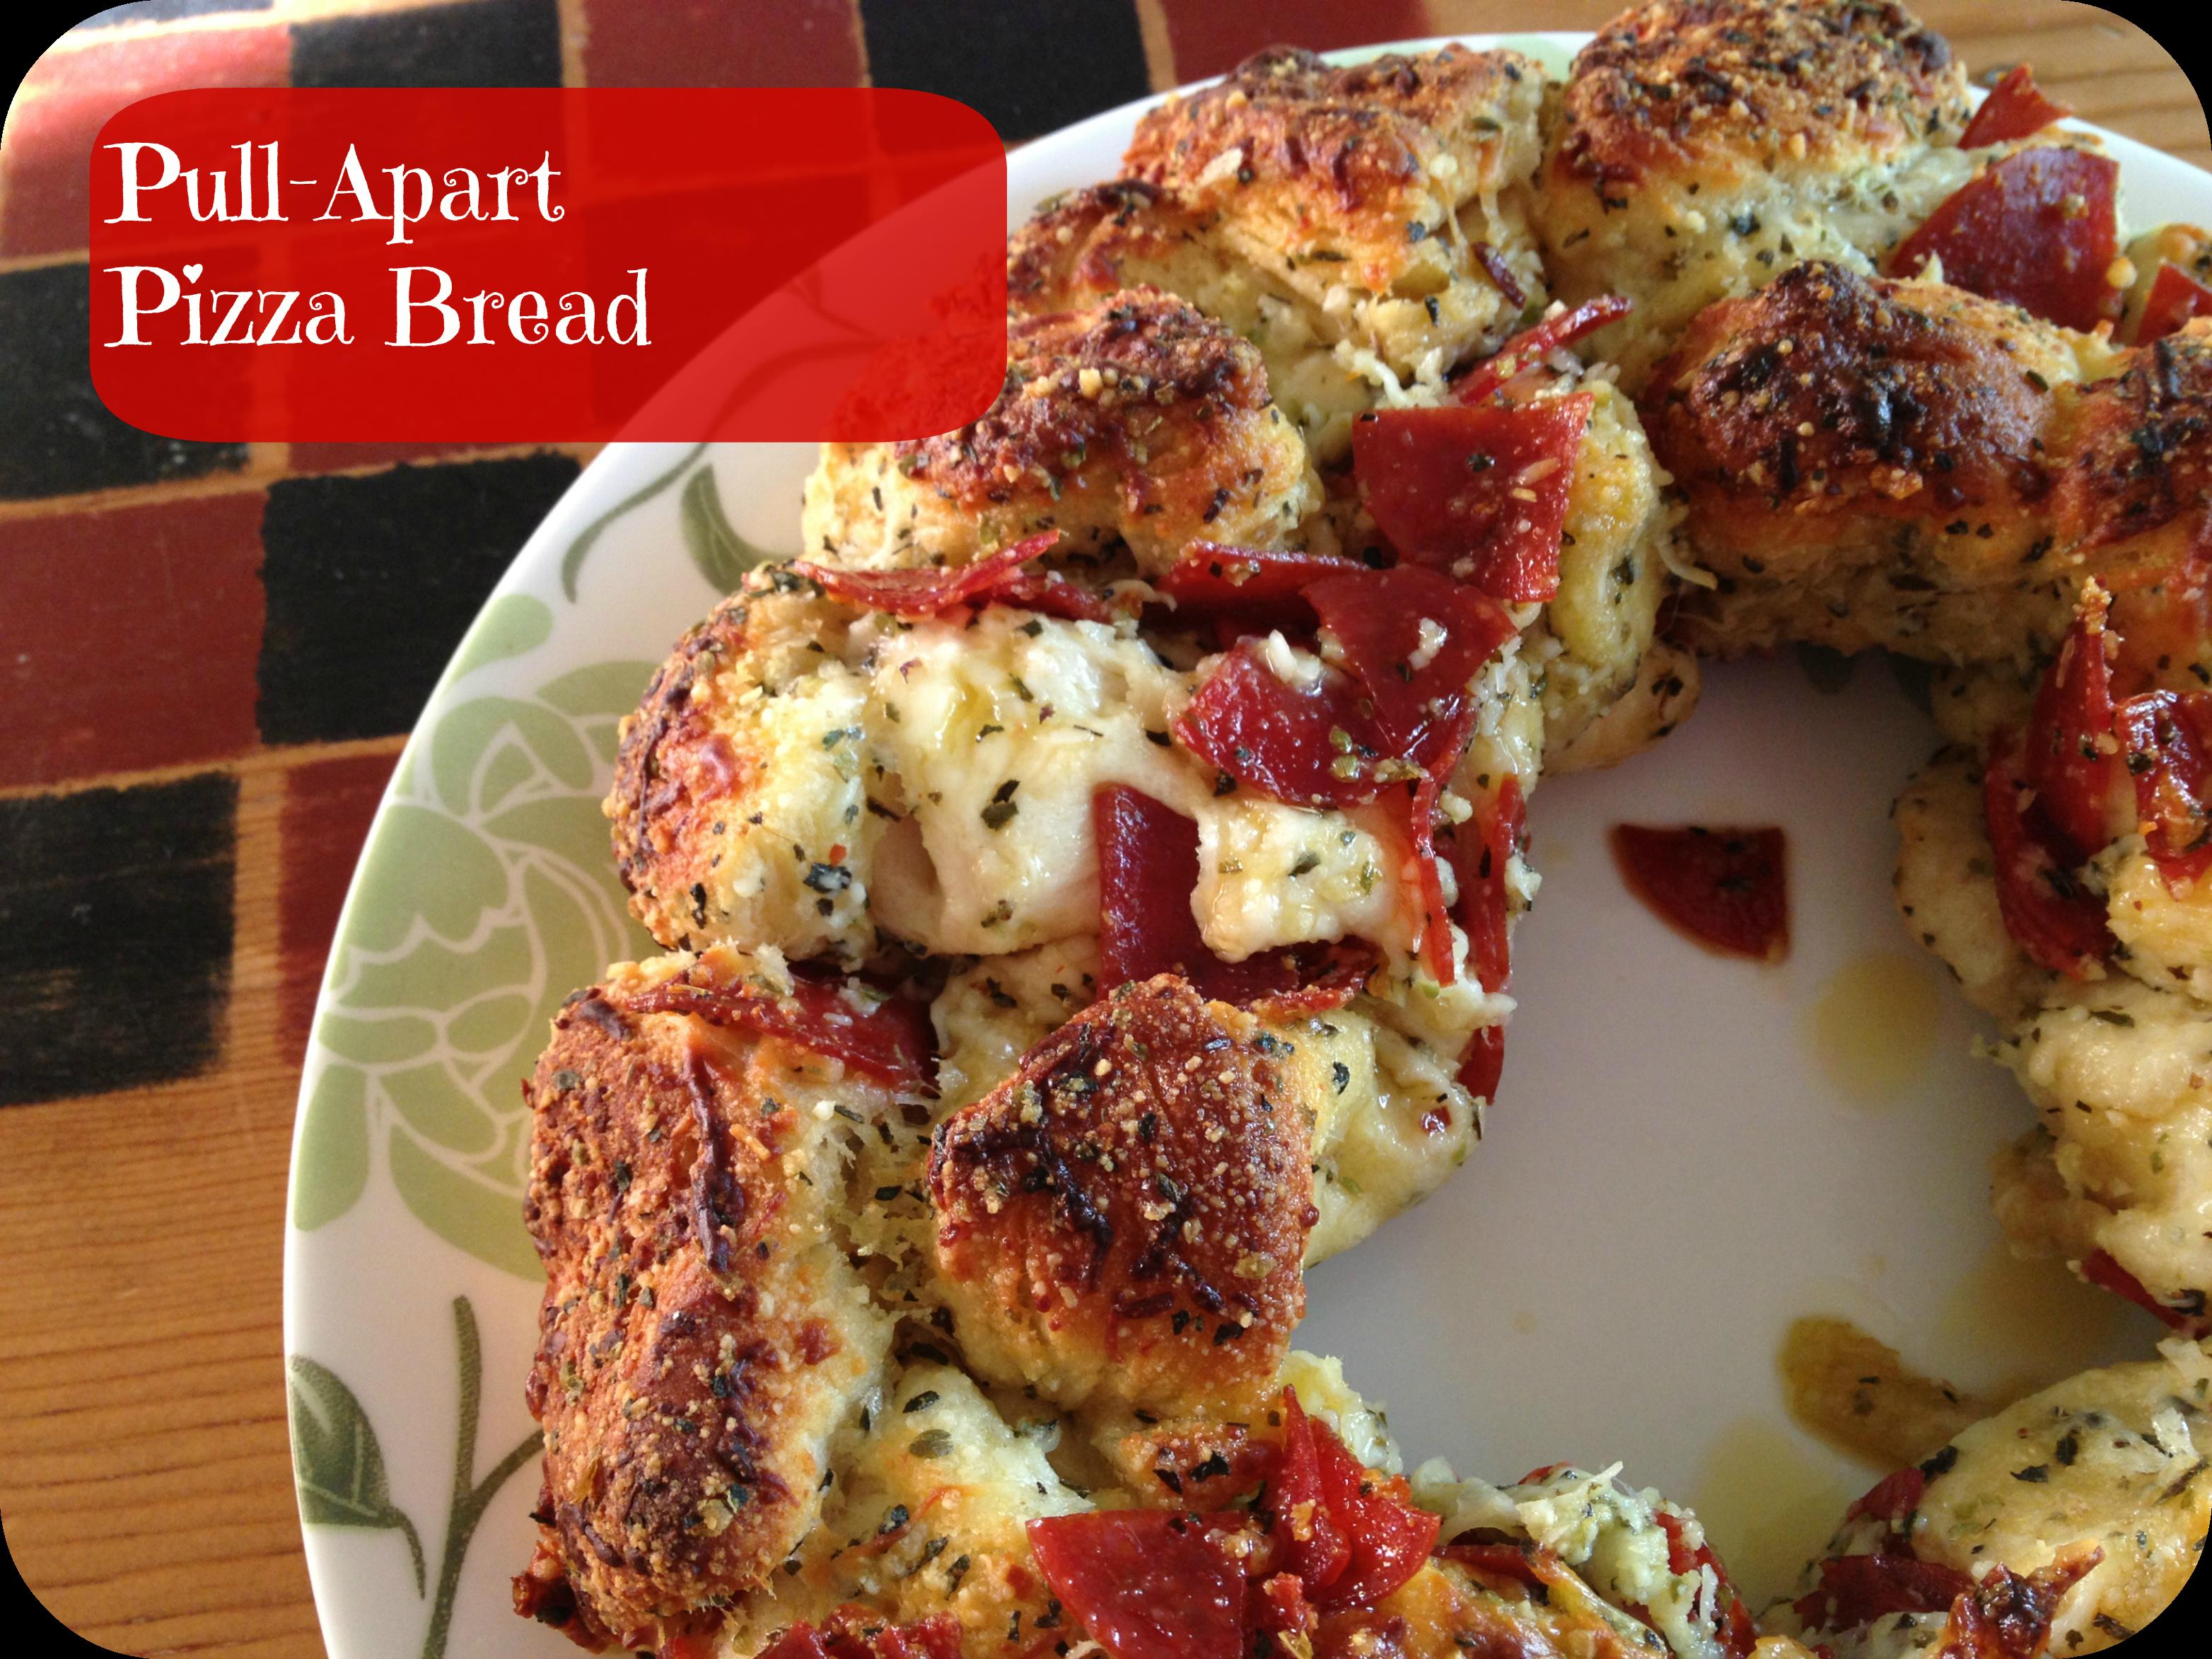 Pull Apart Pizza Bread - Gooseberry Patch Recipe - Basilmomma